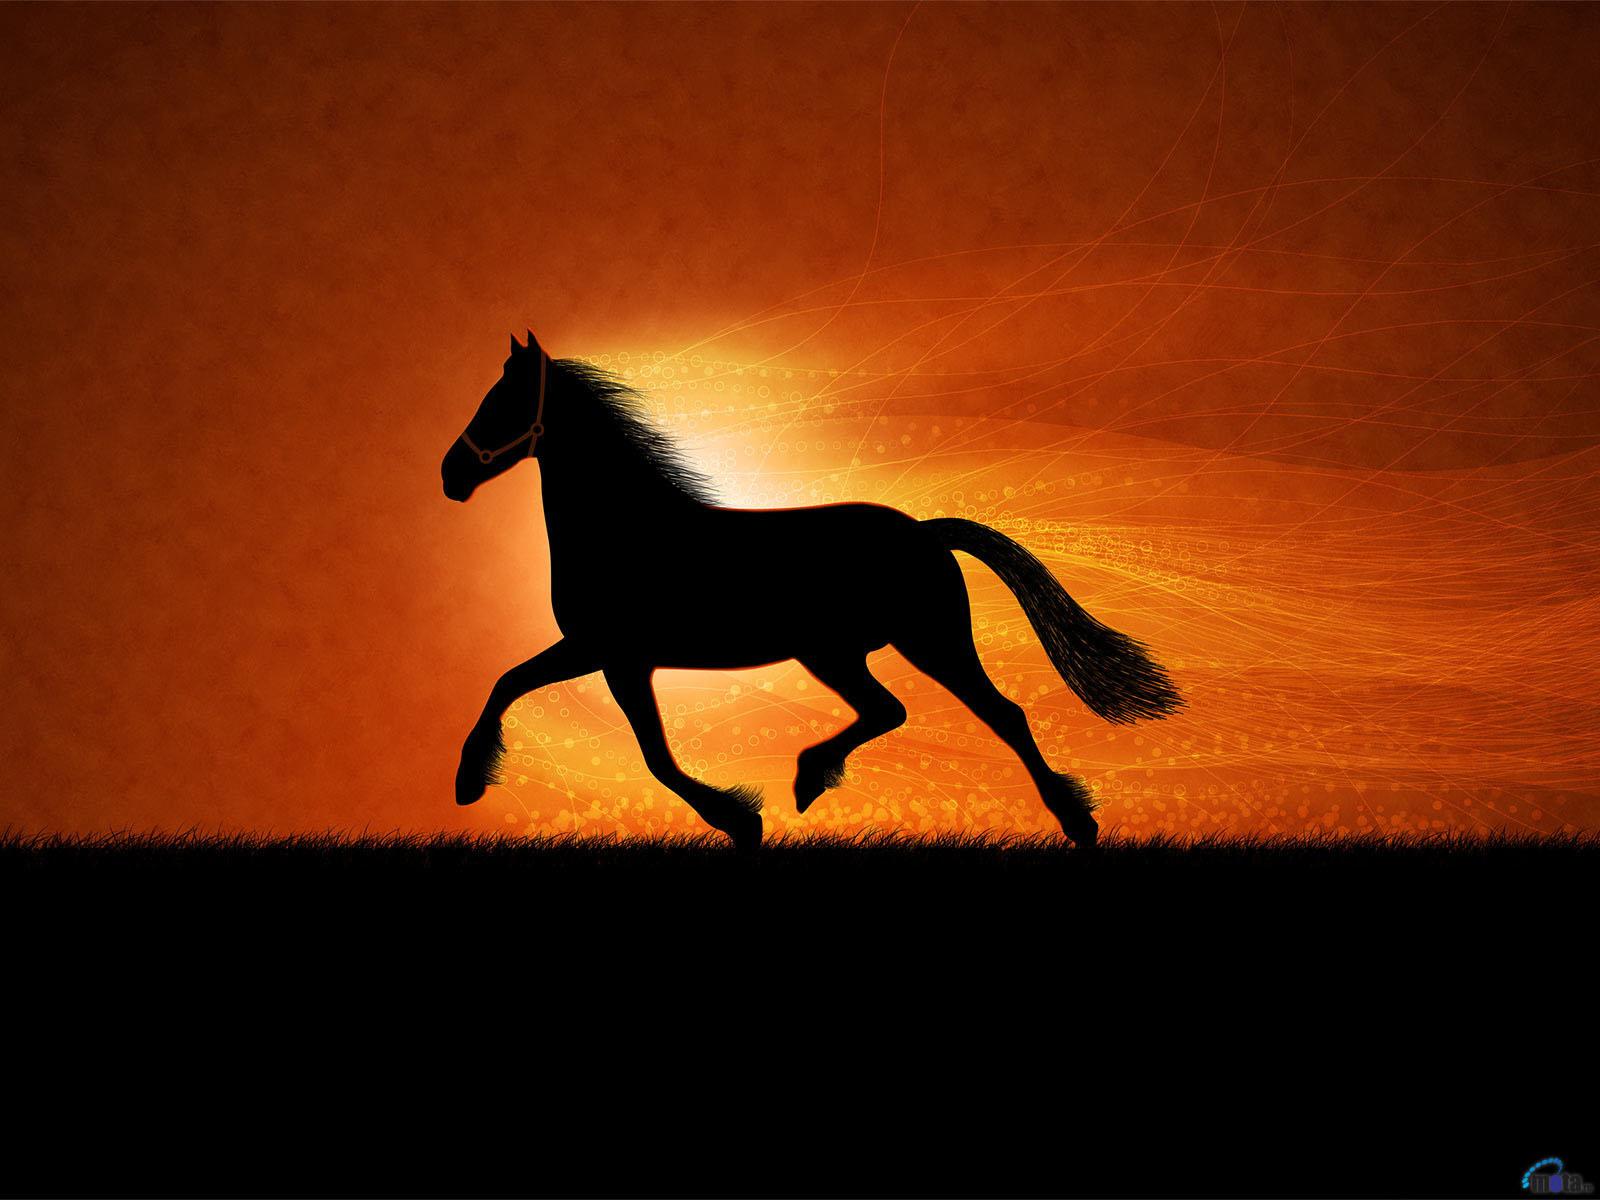 Закат лошадь, конь, фото обои на рабочий стол